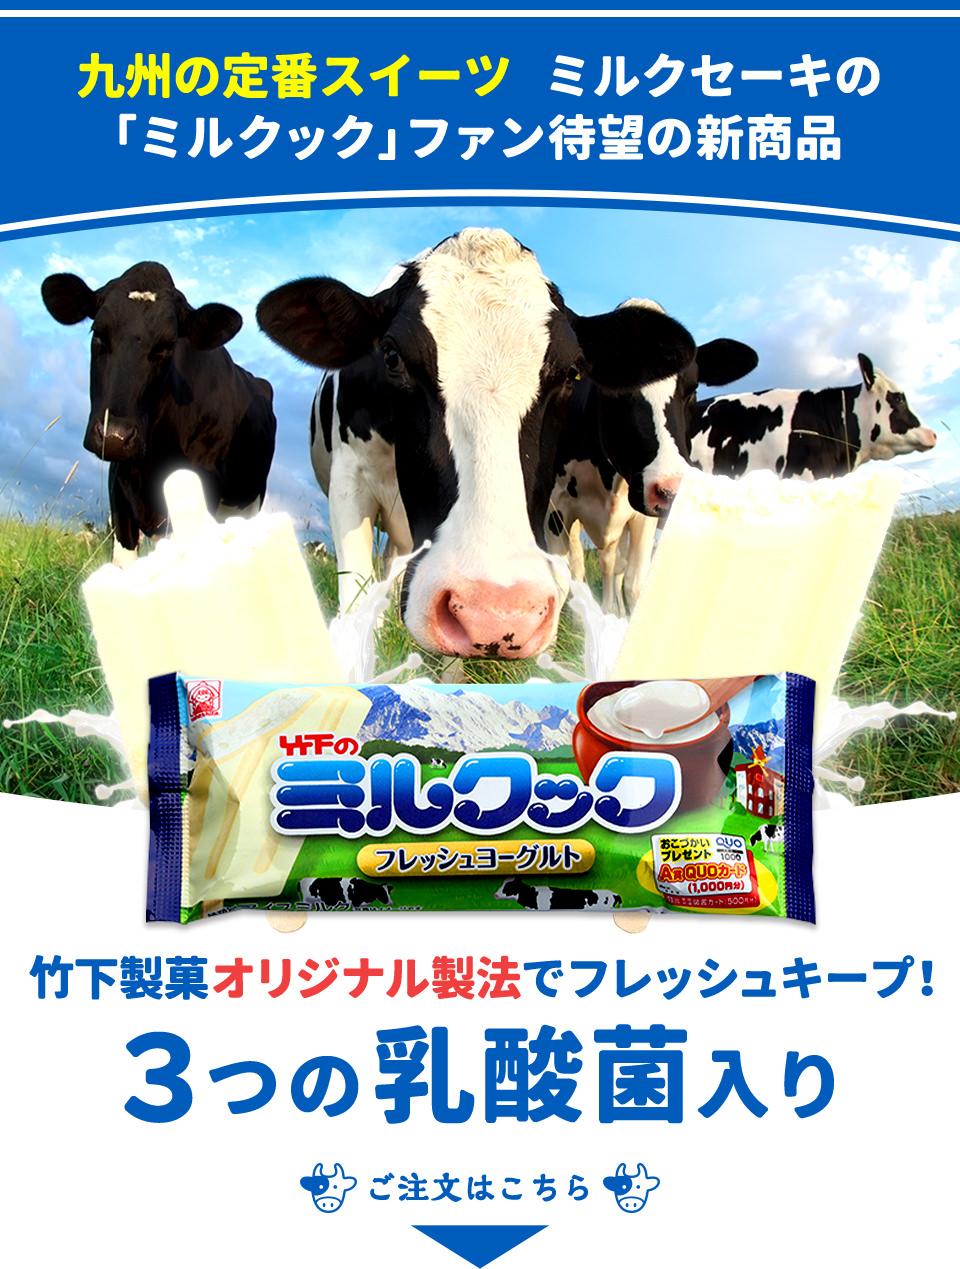 九州の定番スイーツ ミルクセーキの「ミルクック」ファン待望の新商品 竹下製菓オリジナル製法でフレッシュキープ!3つの乳酸菌入り